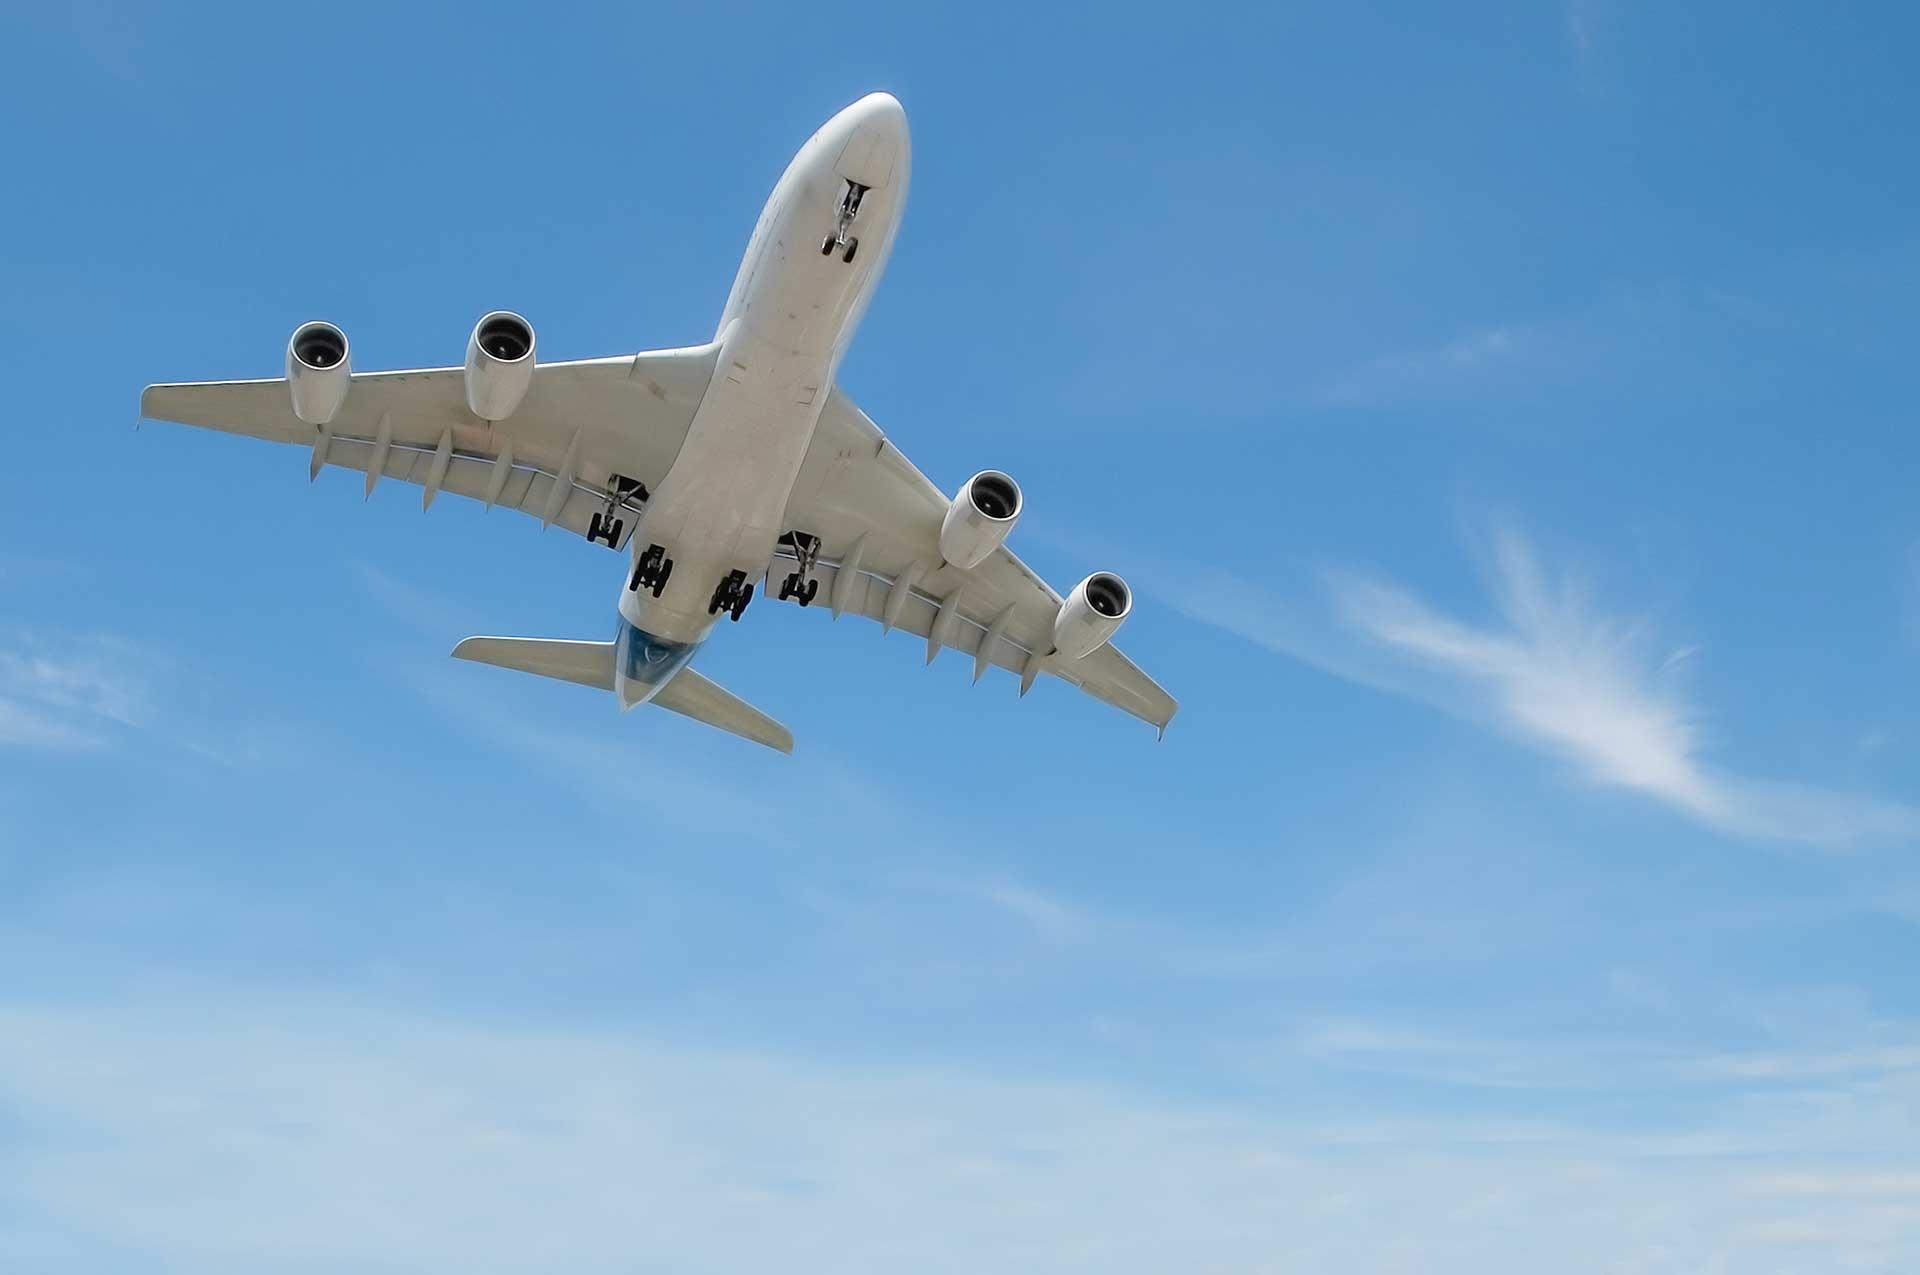 Tratamiento del barotraumatismo o molestias en el oído tras un vuelo